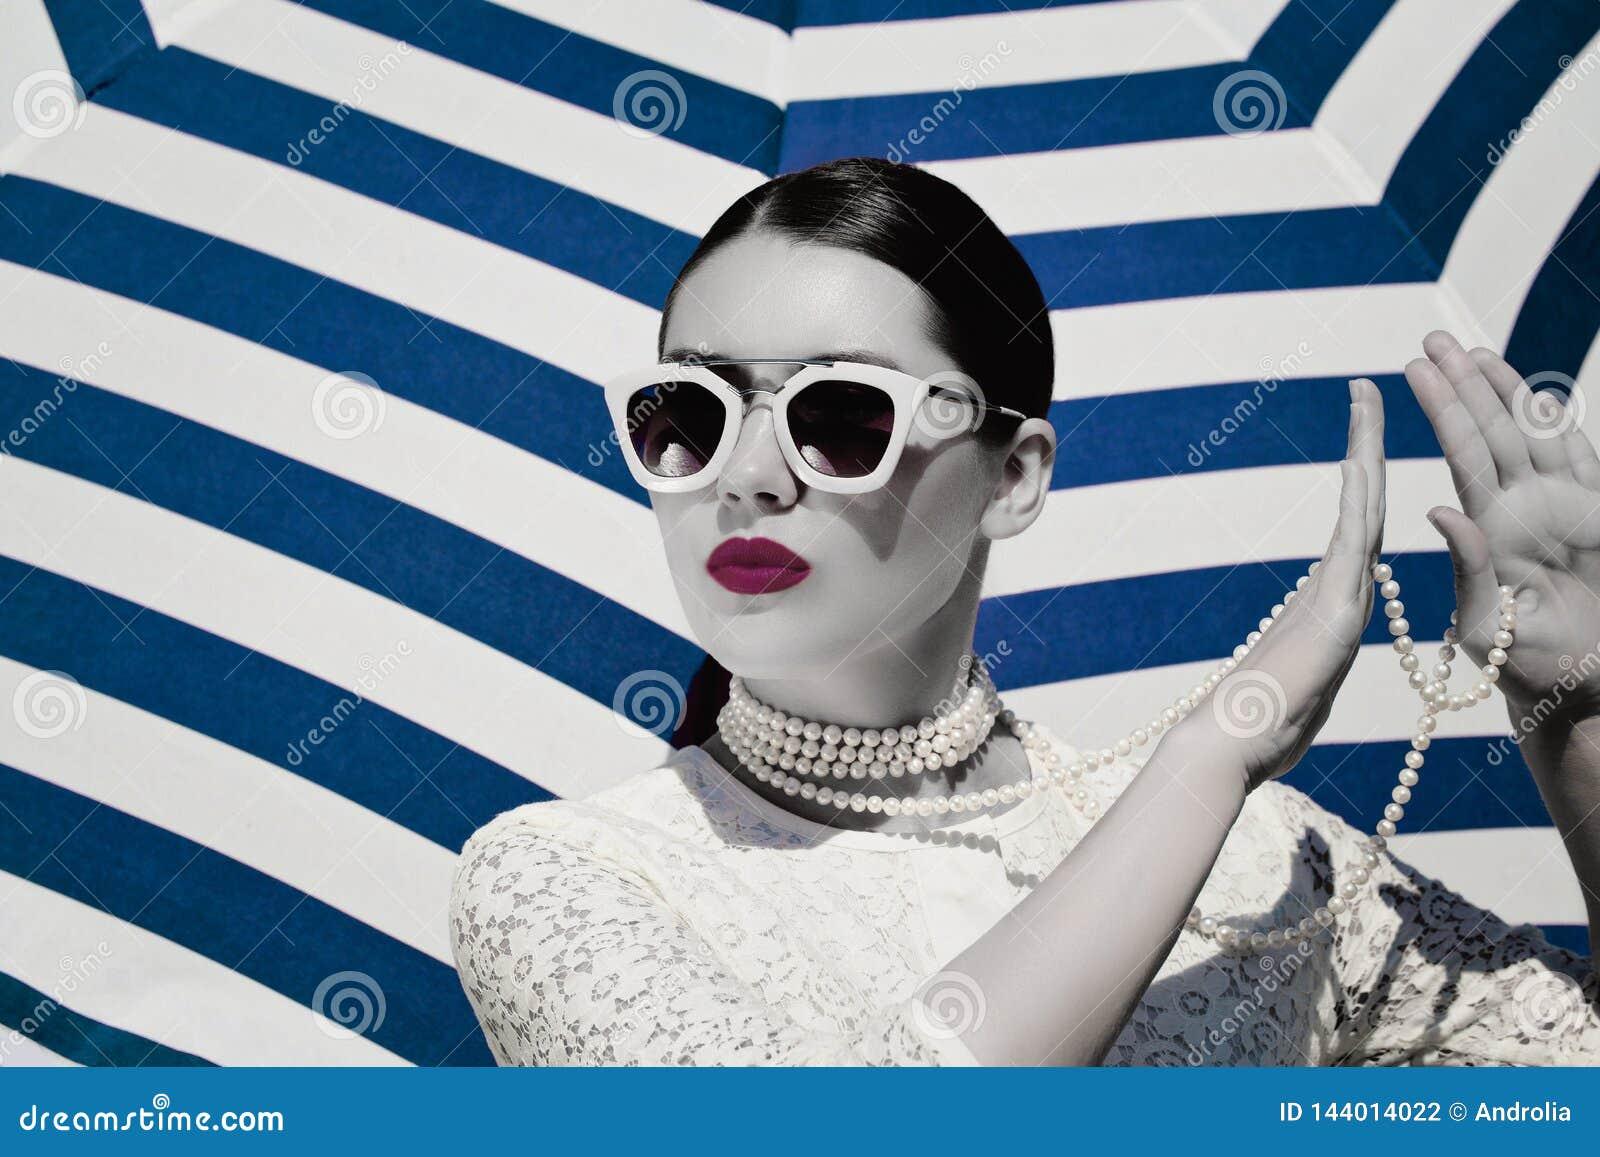 一俏丽的年轻女人的画象白色鞋带礼服、白色珍珠项链和浅粉红色的太阳镜的